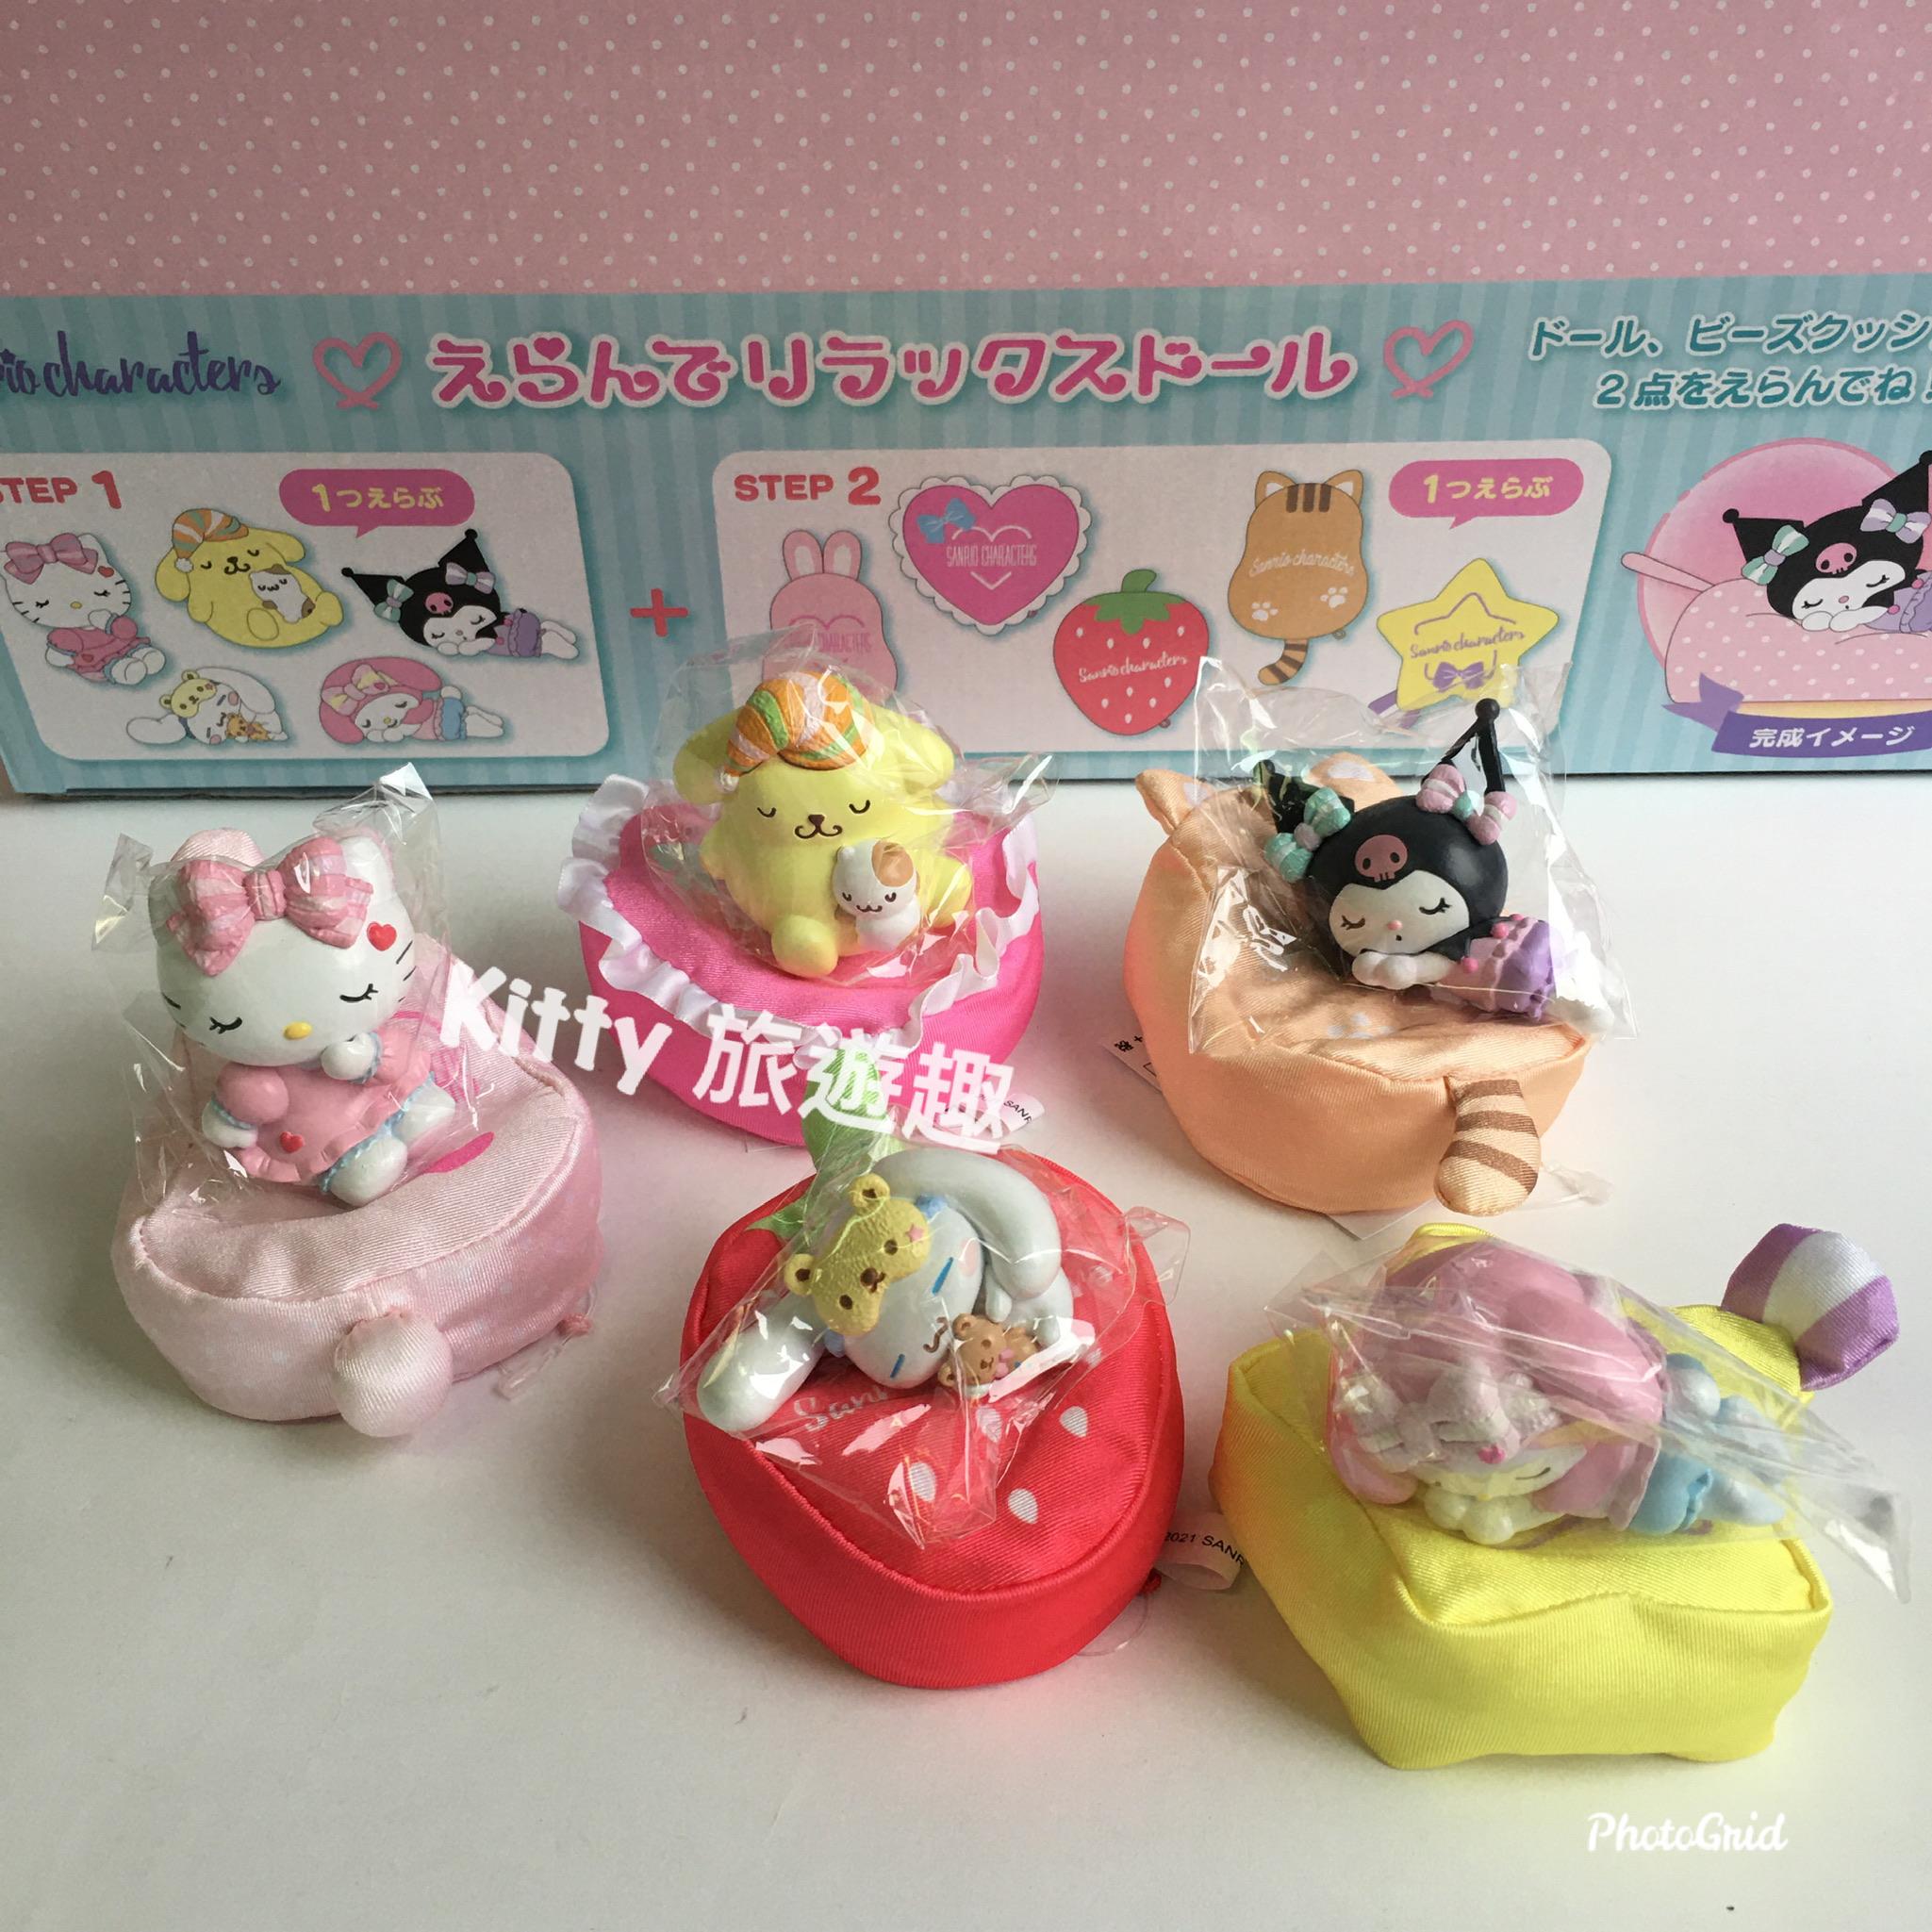 [Kitty 旅遊趣] Hello Kitty 三麗鷗小玩偶擺飾組 造型擺飾組 迷你玩偶 公仔 一套有5款 小擺飾 收藏